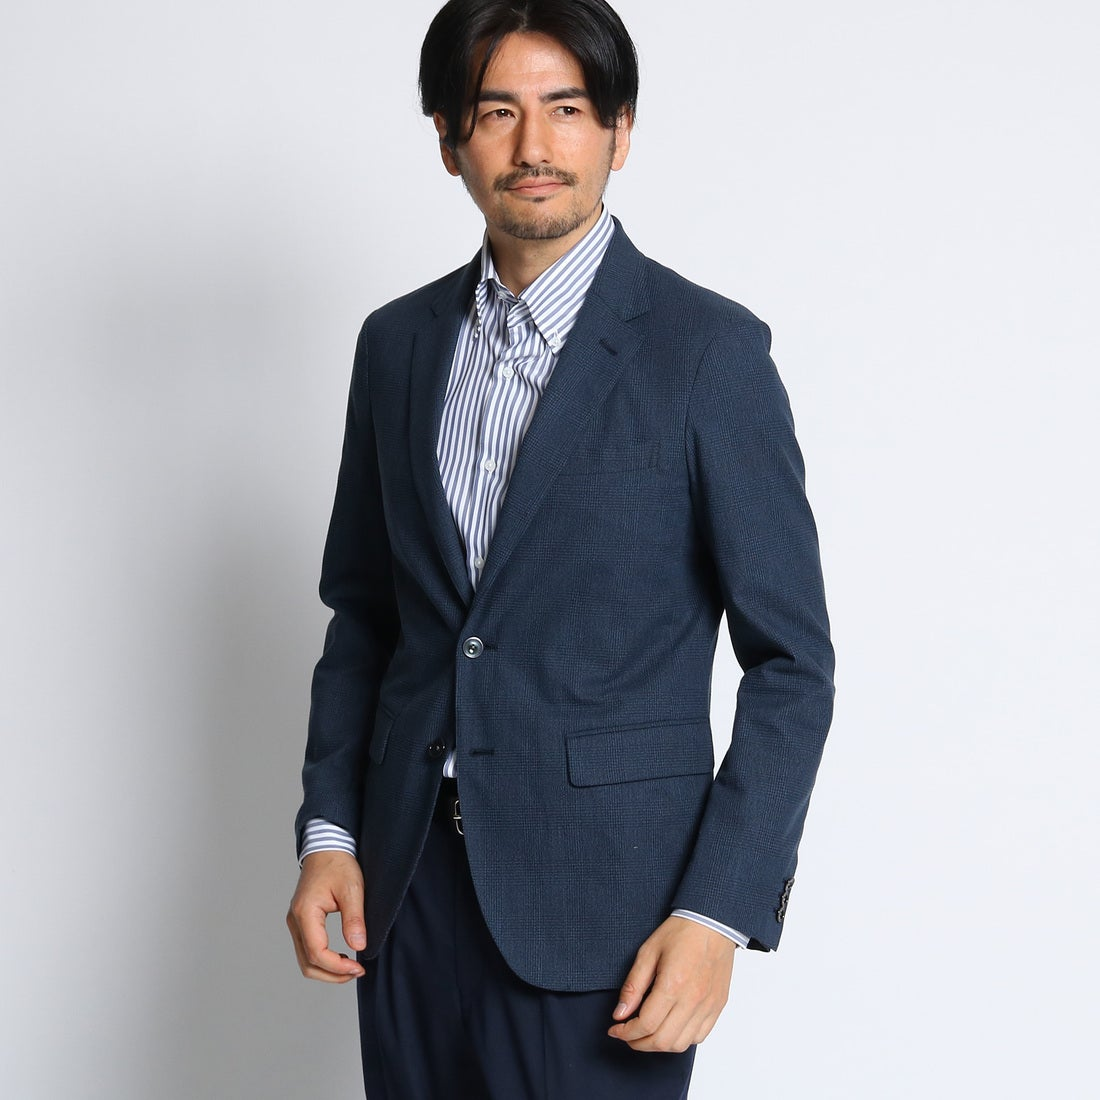 タケオ キクチ TAKEO KIKUCHI 【 洗える 】CS_ムリネクールマックス(R)ジャケット (ネイビー)